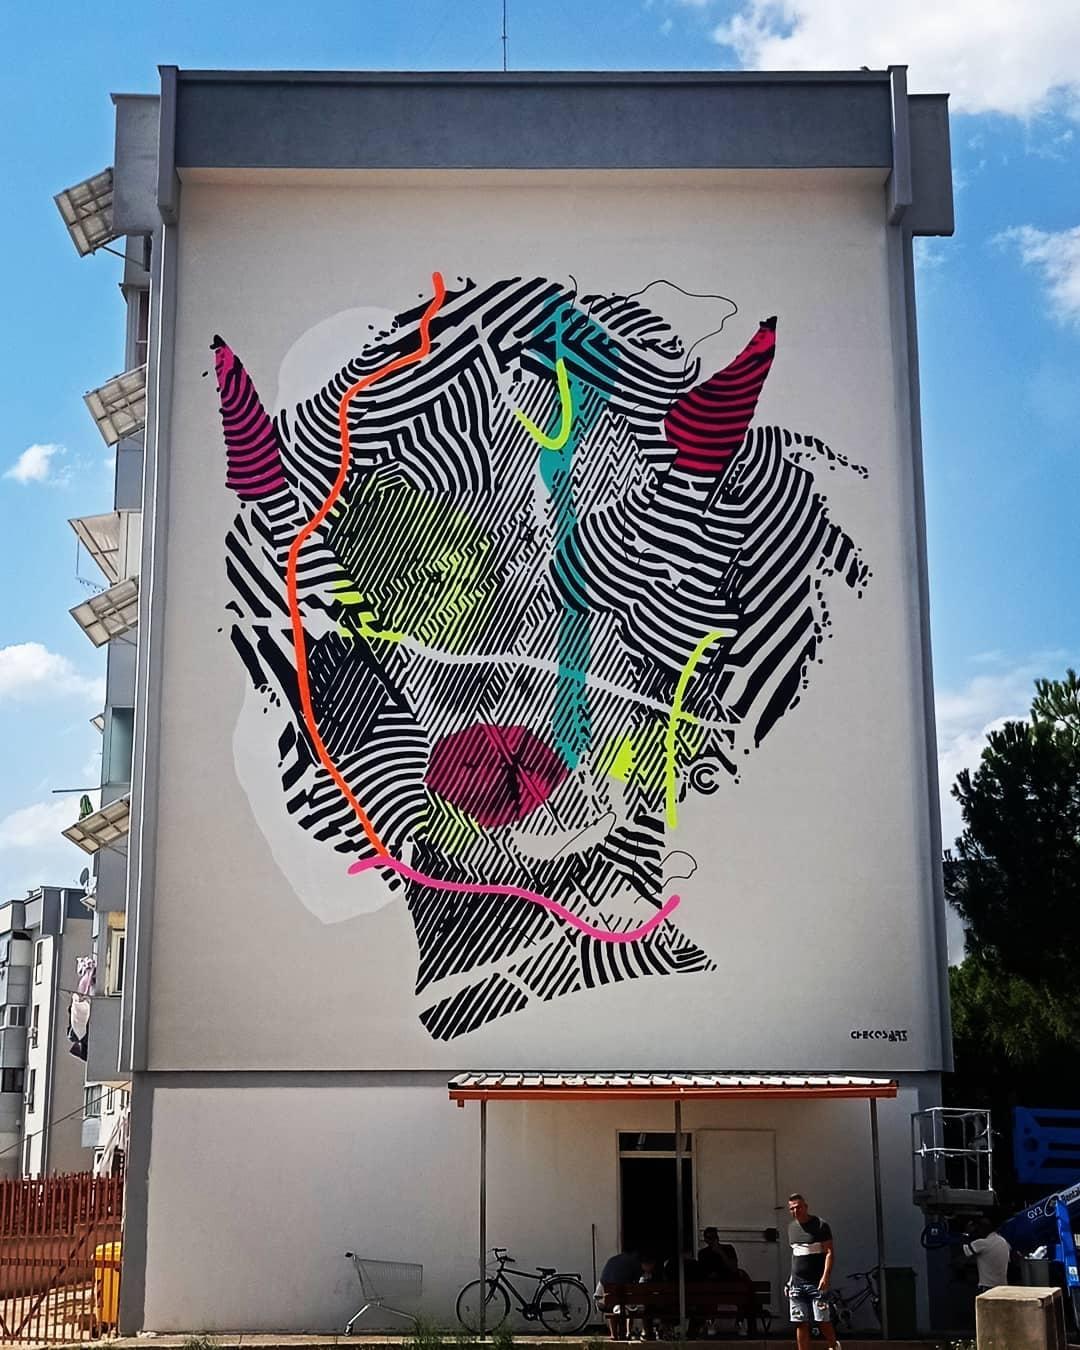 Chekos art @ Taranto, Italy